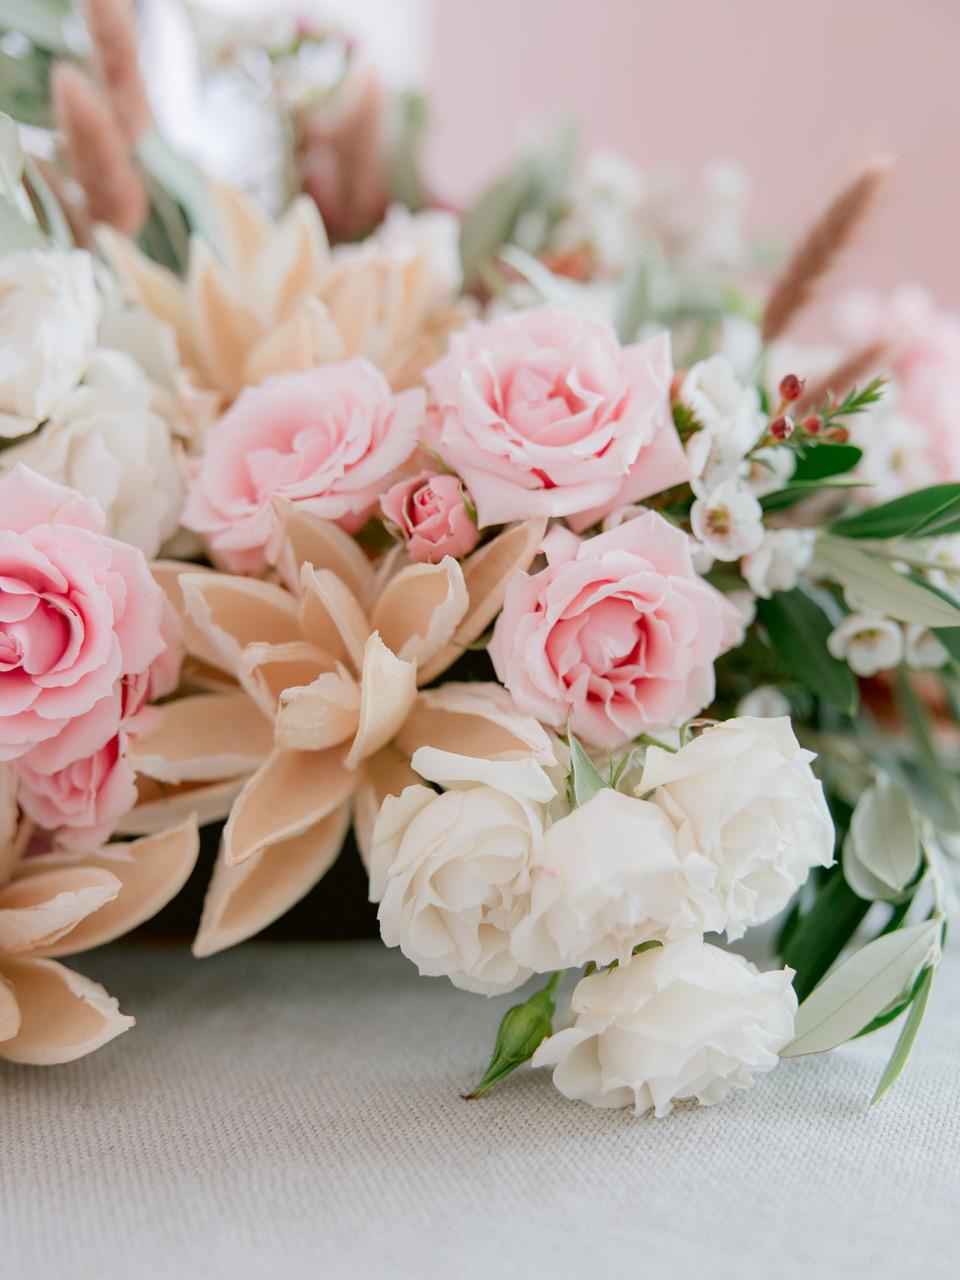 Wedding flower bride bouquet